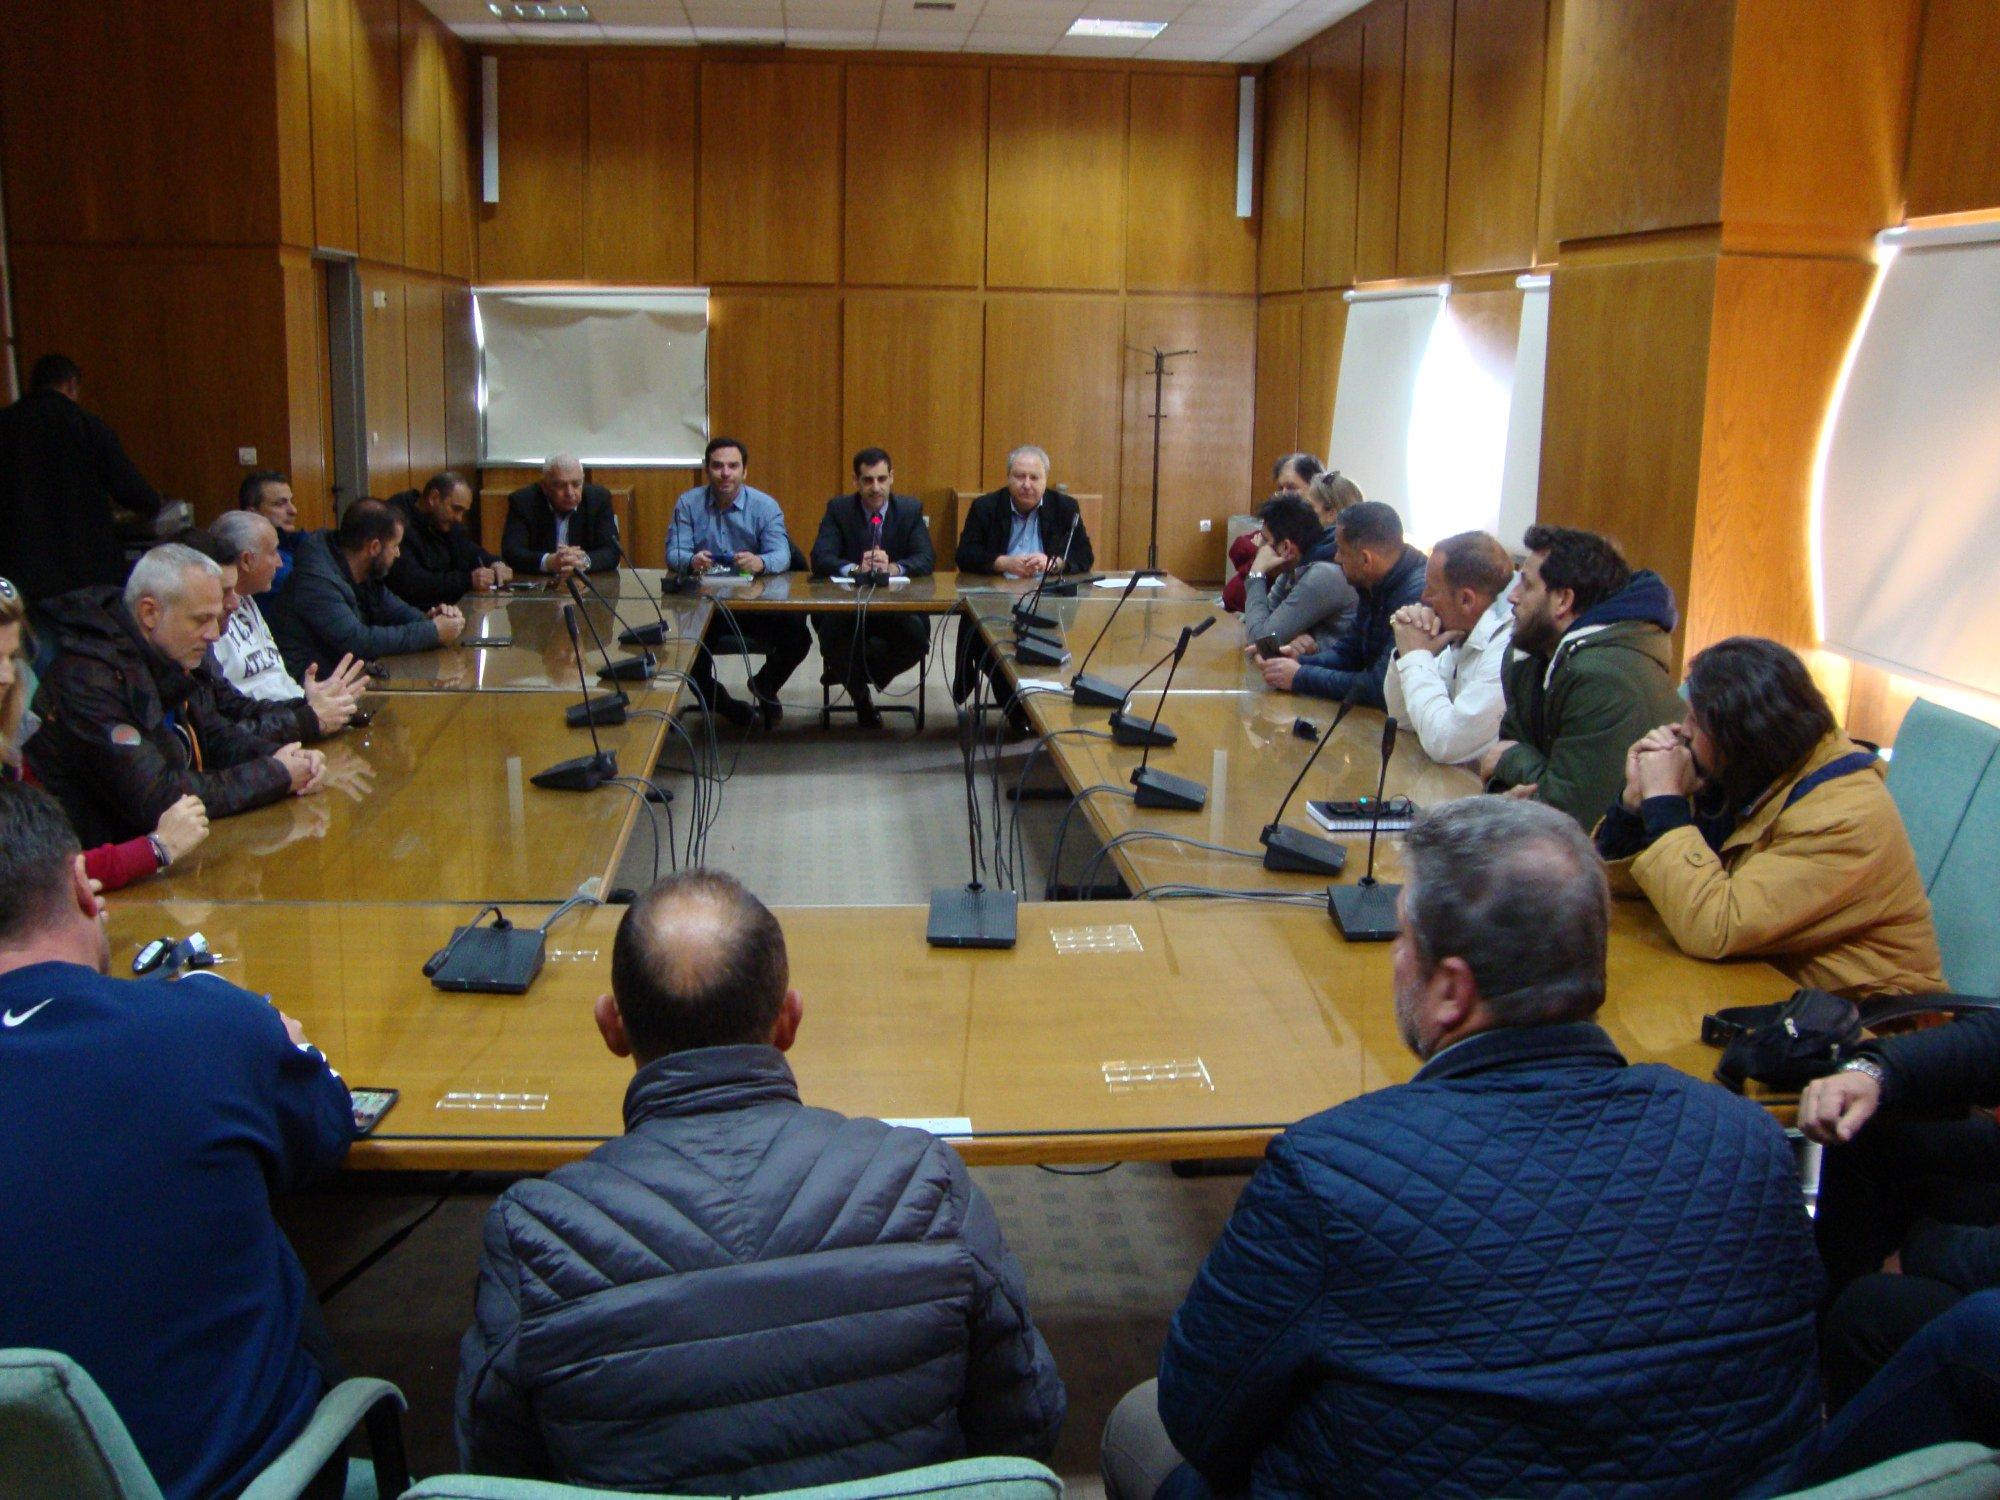 Π.Ε. Ηλείας: Συνάντηση στον Πύργο του Αντι/άρχη Βασίλη Γιαννόπουλου με εκπροσώπους αθλητικών σωματείων του Νομού για την επιβολή μέτρων σε σχέση με τον κορωνοϊο